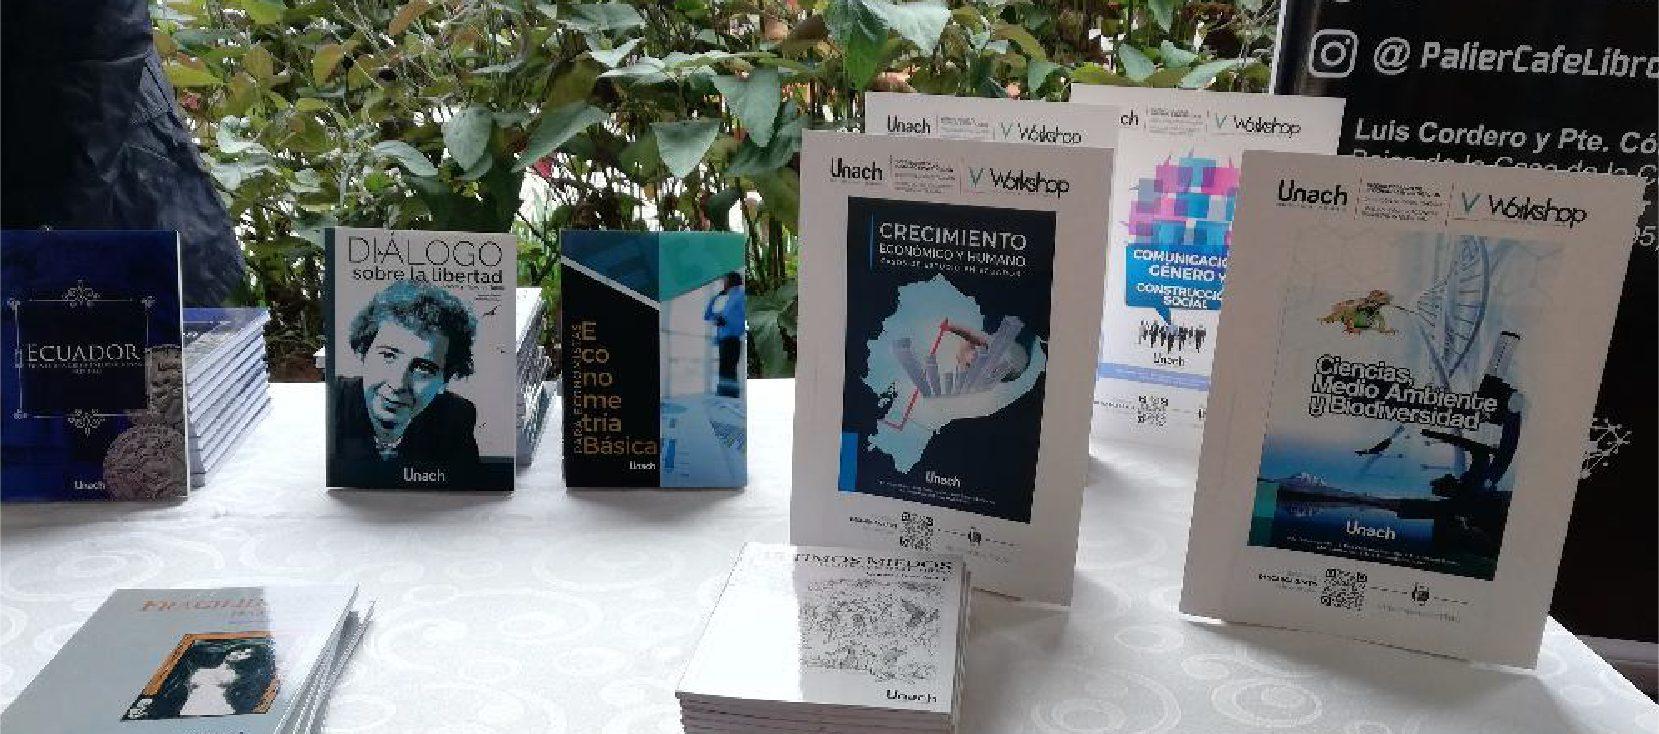 Unach participó en el Congreso de la Unesco realizado en Cuenca